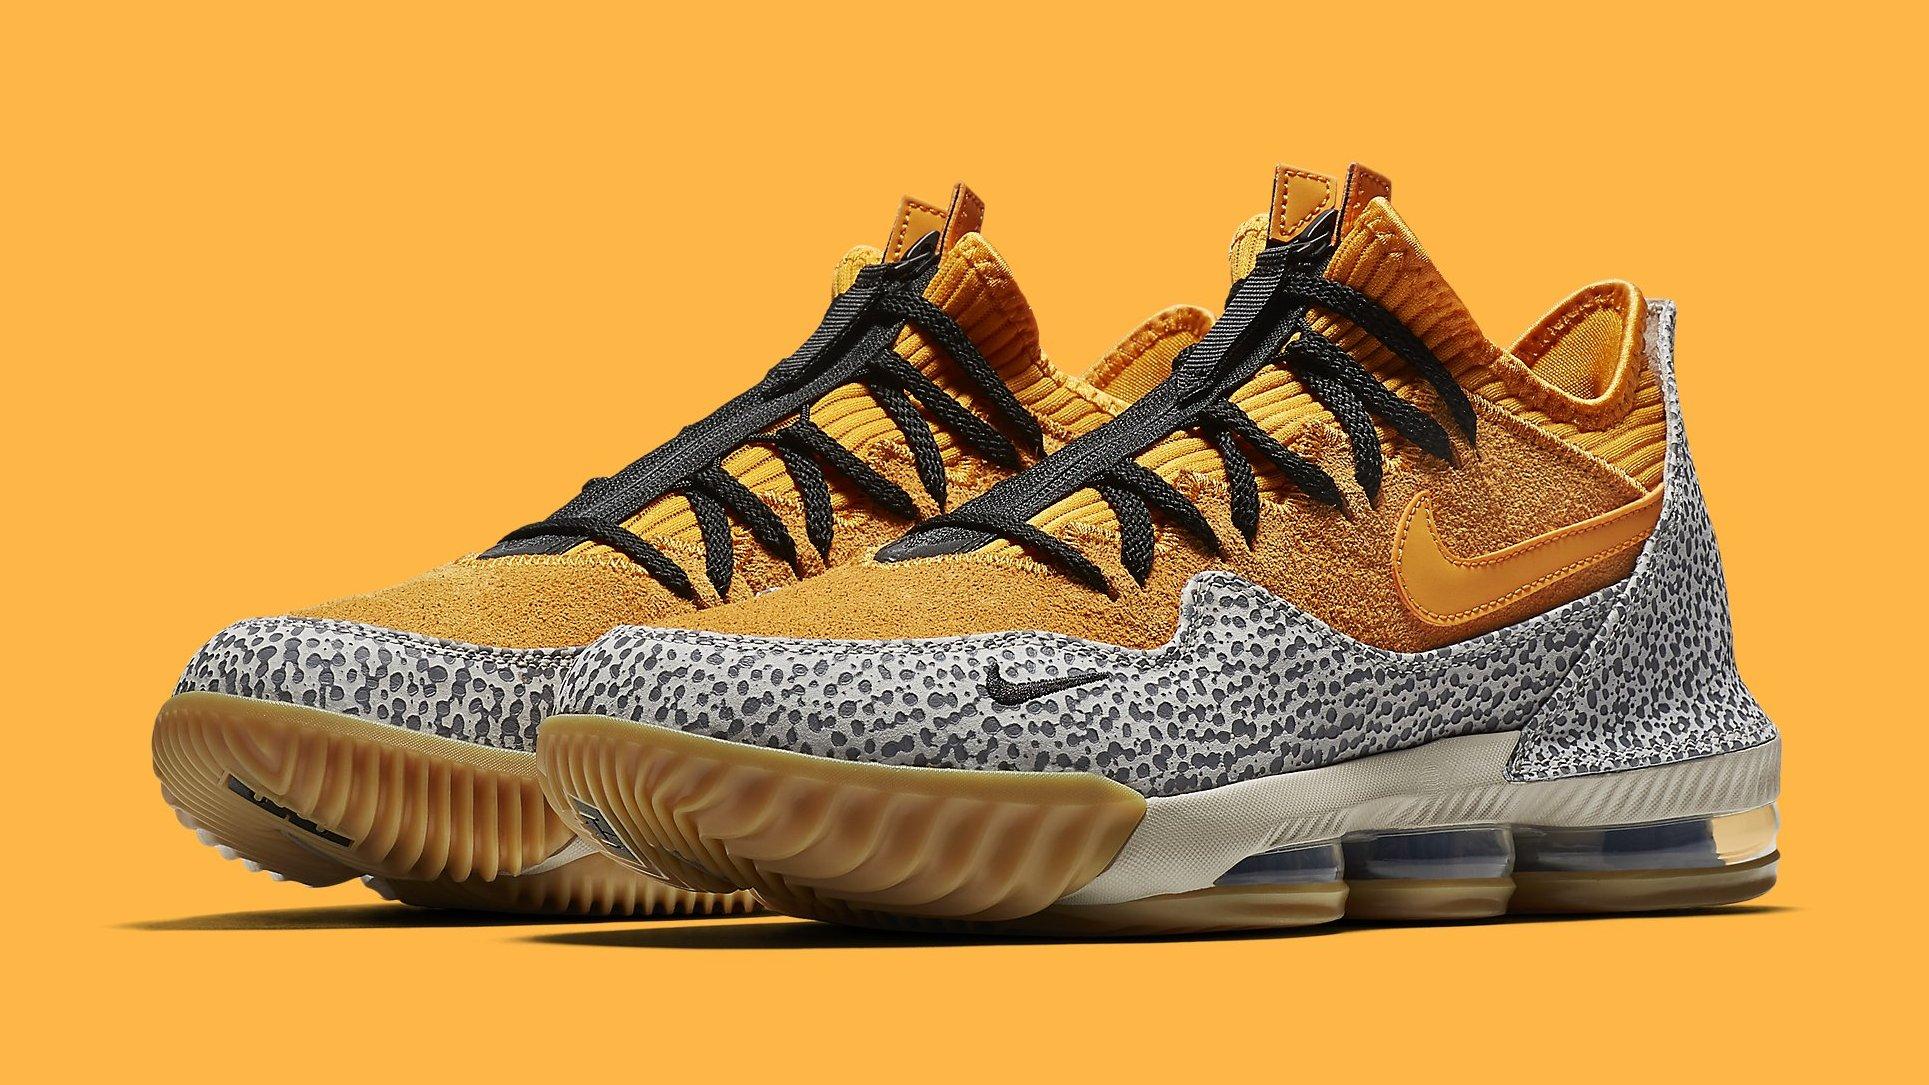 cf7ea72827eba Nike LeBron 16 Low  Safari  Release Date CI3358-800